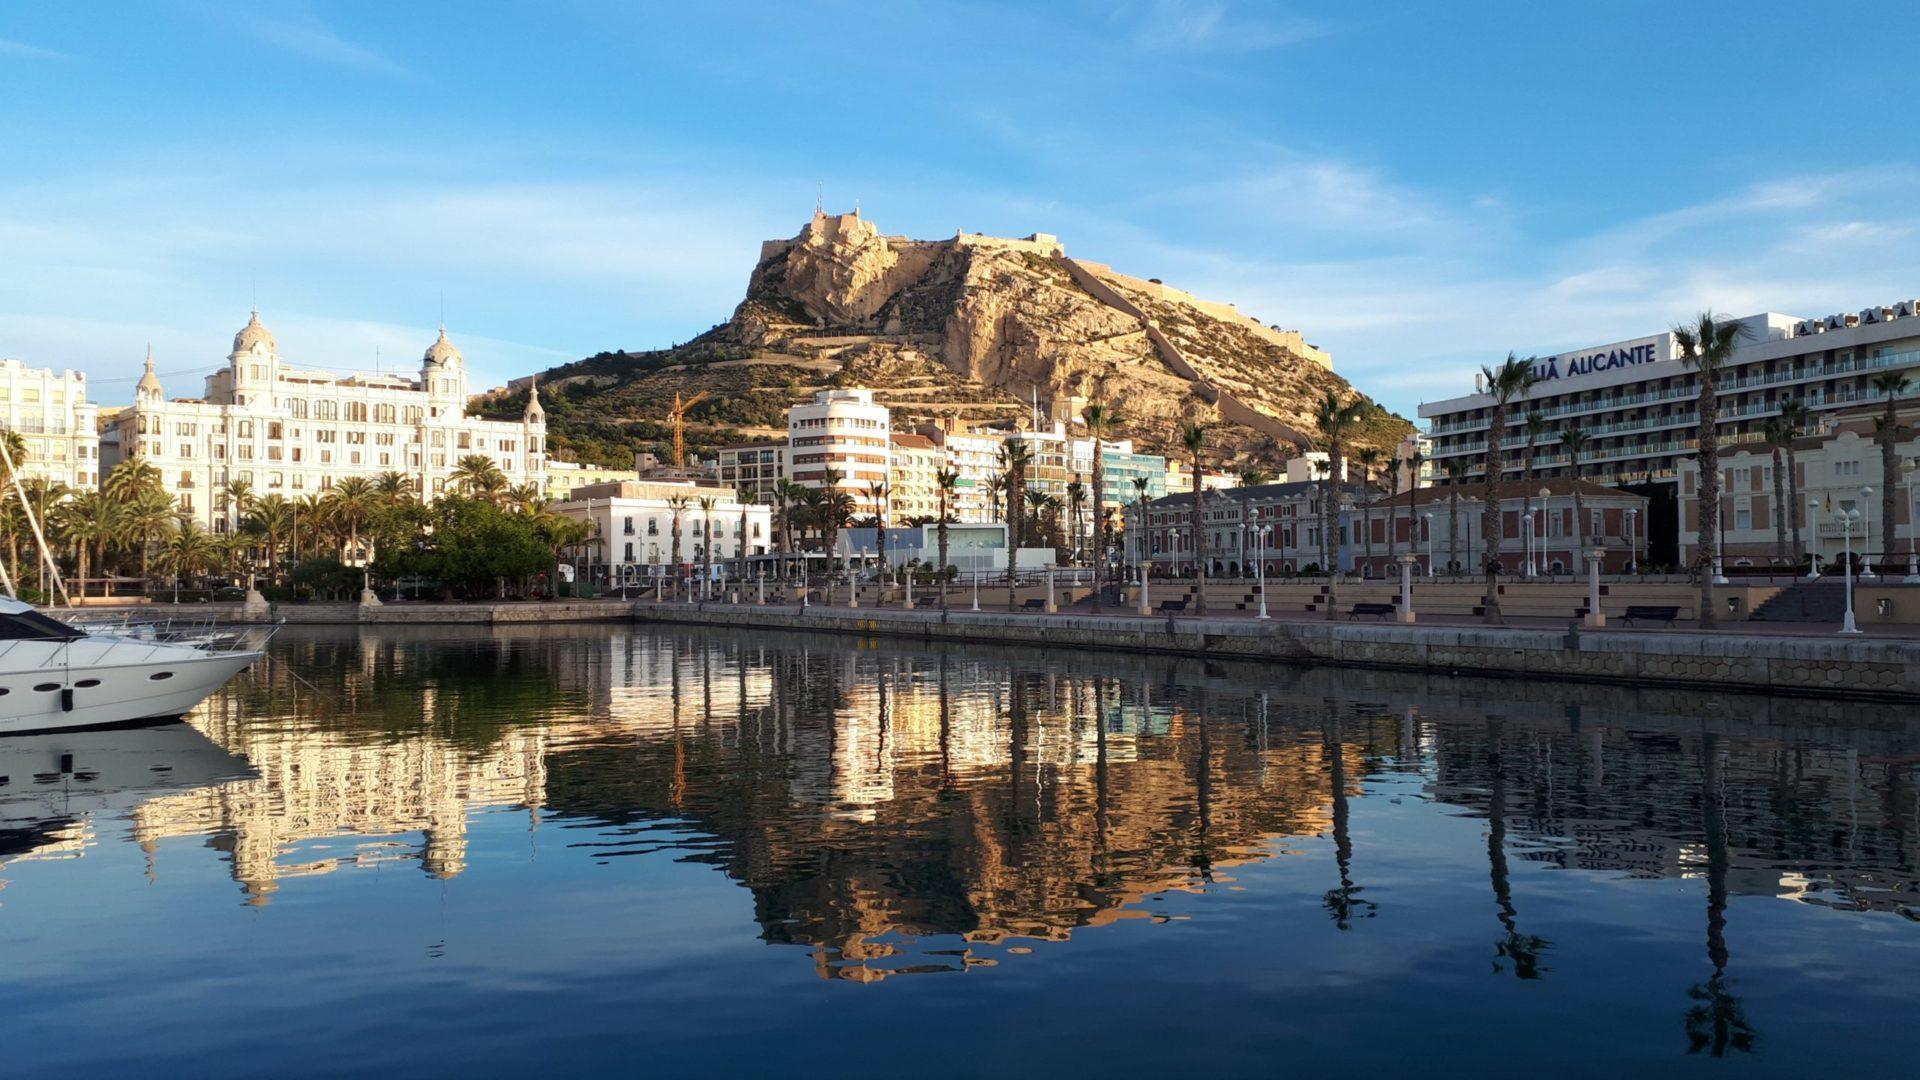 Wassertemperatur Alicante: Burg Castillo de Santa Bárbara